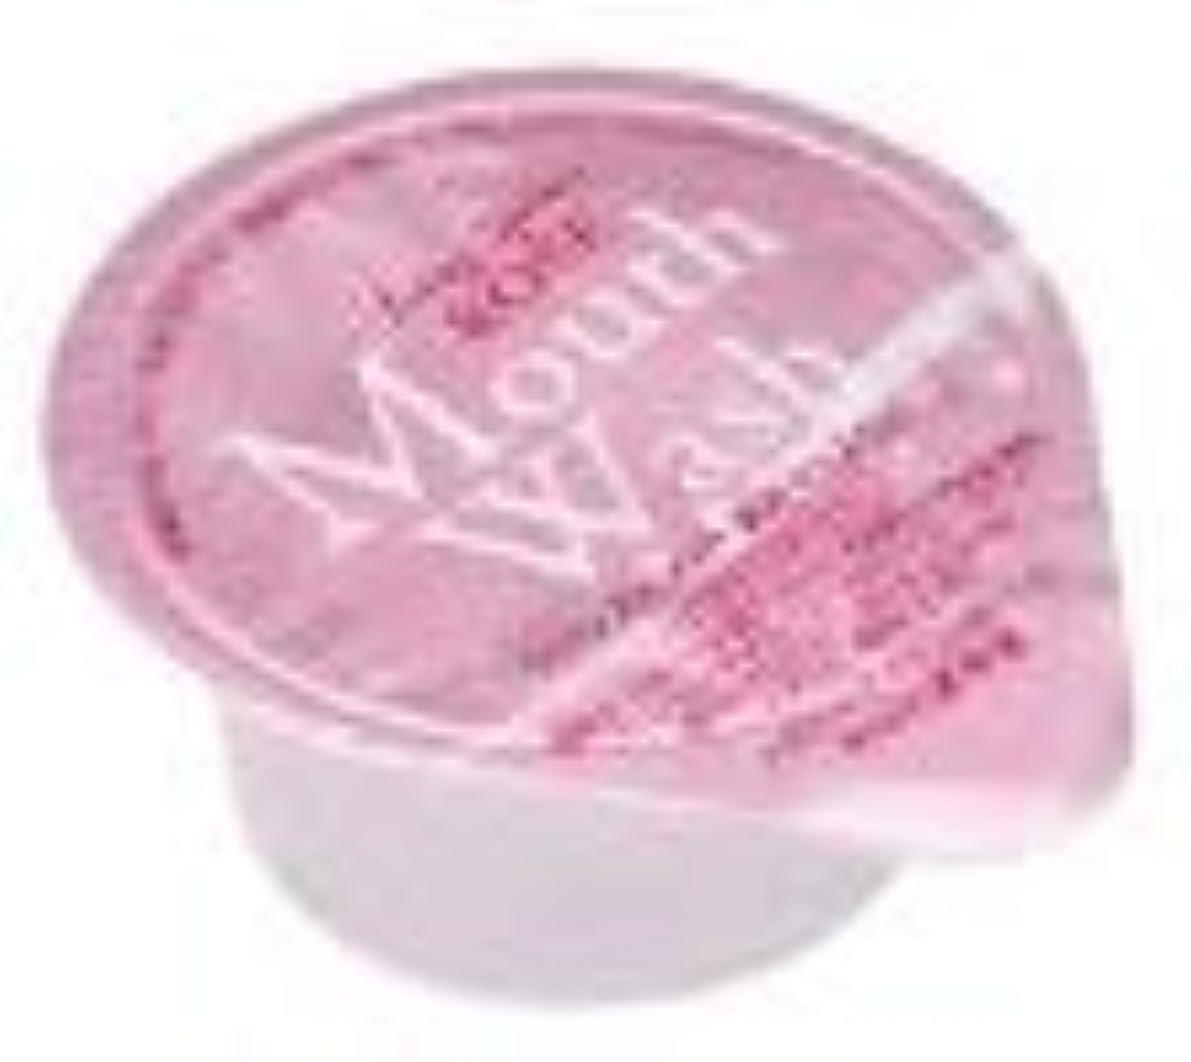 混沌ナプキンクリップオキナ 薬用マウスウオッシュ ロングスピン ピンク ローズ 1000個セット